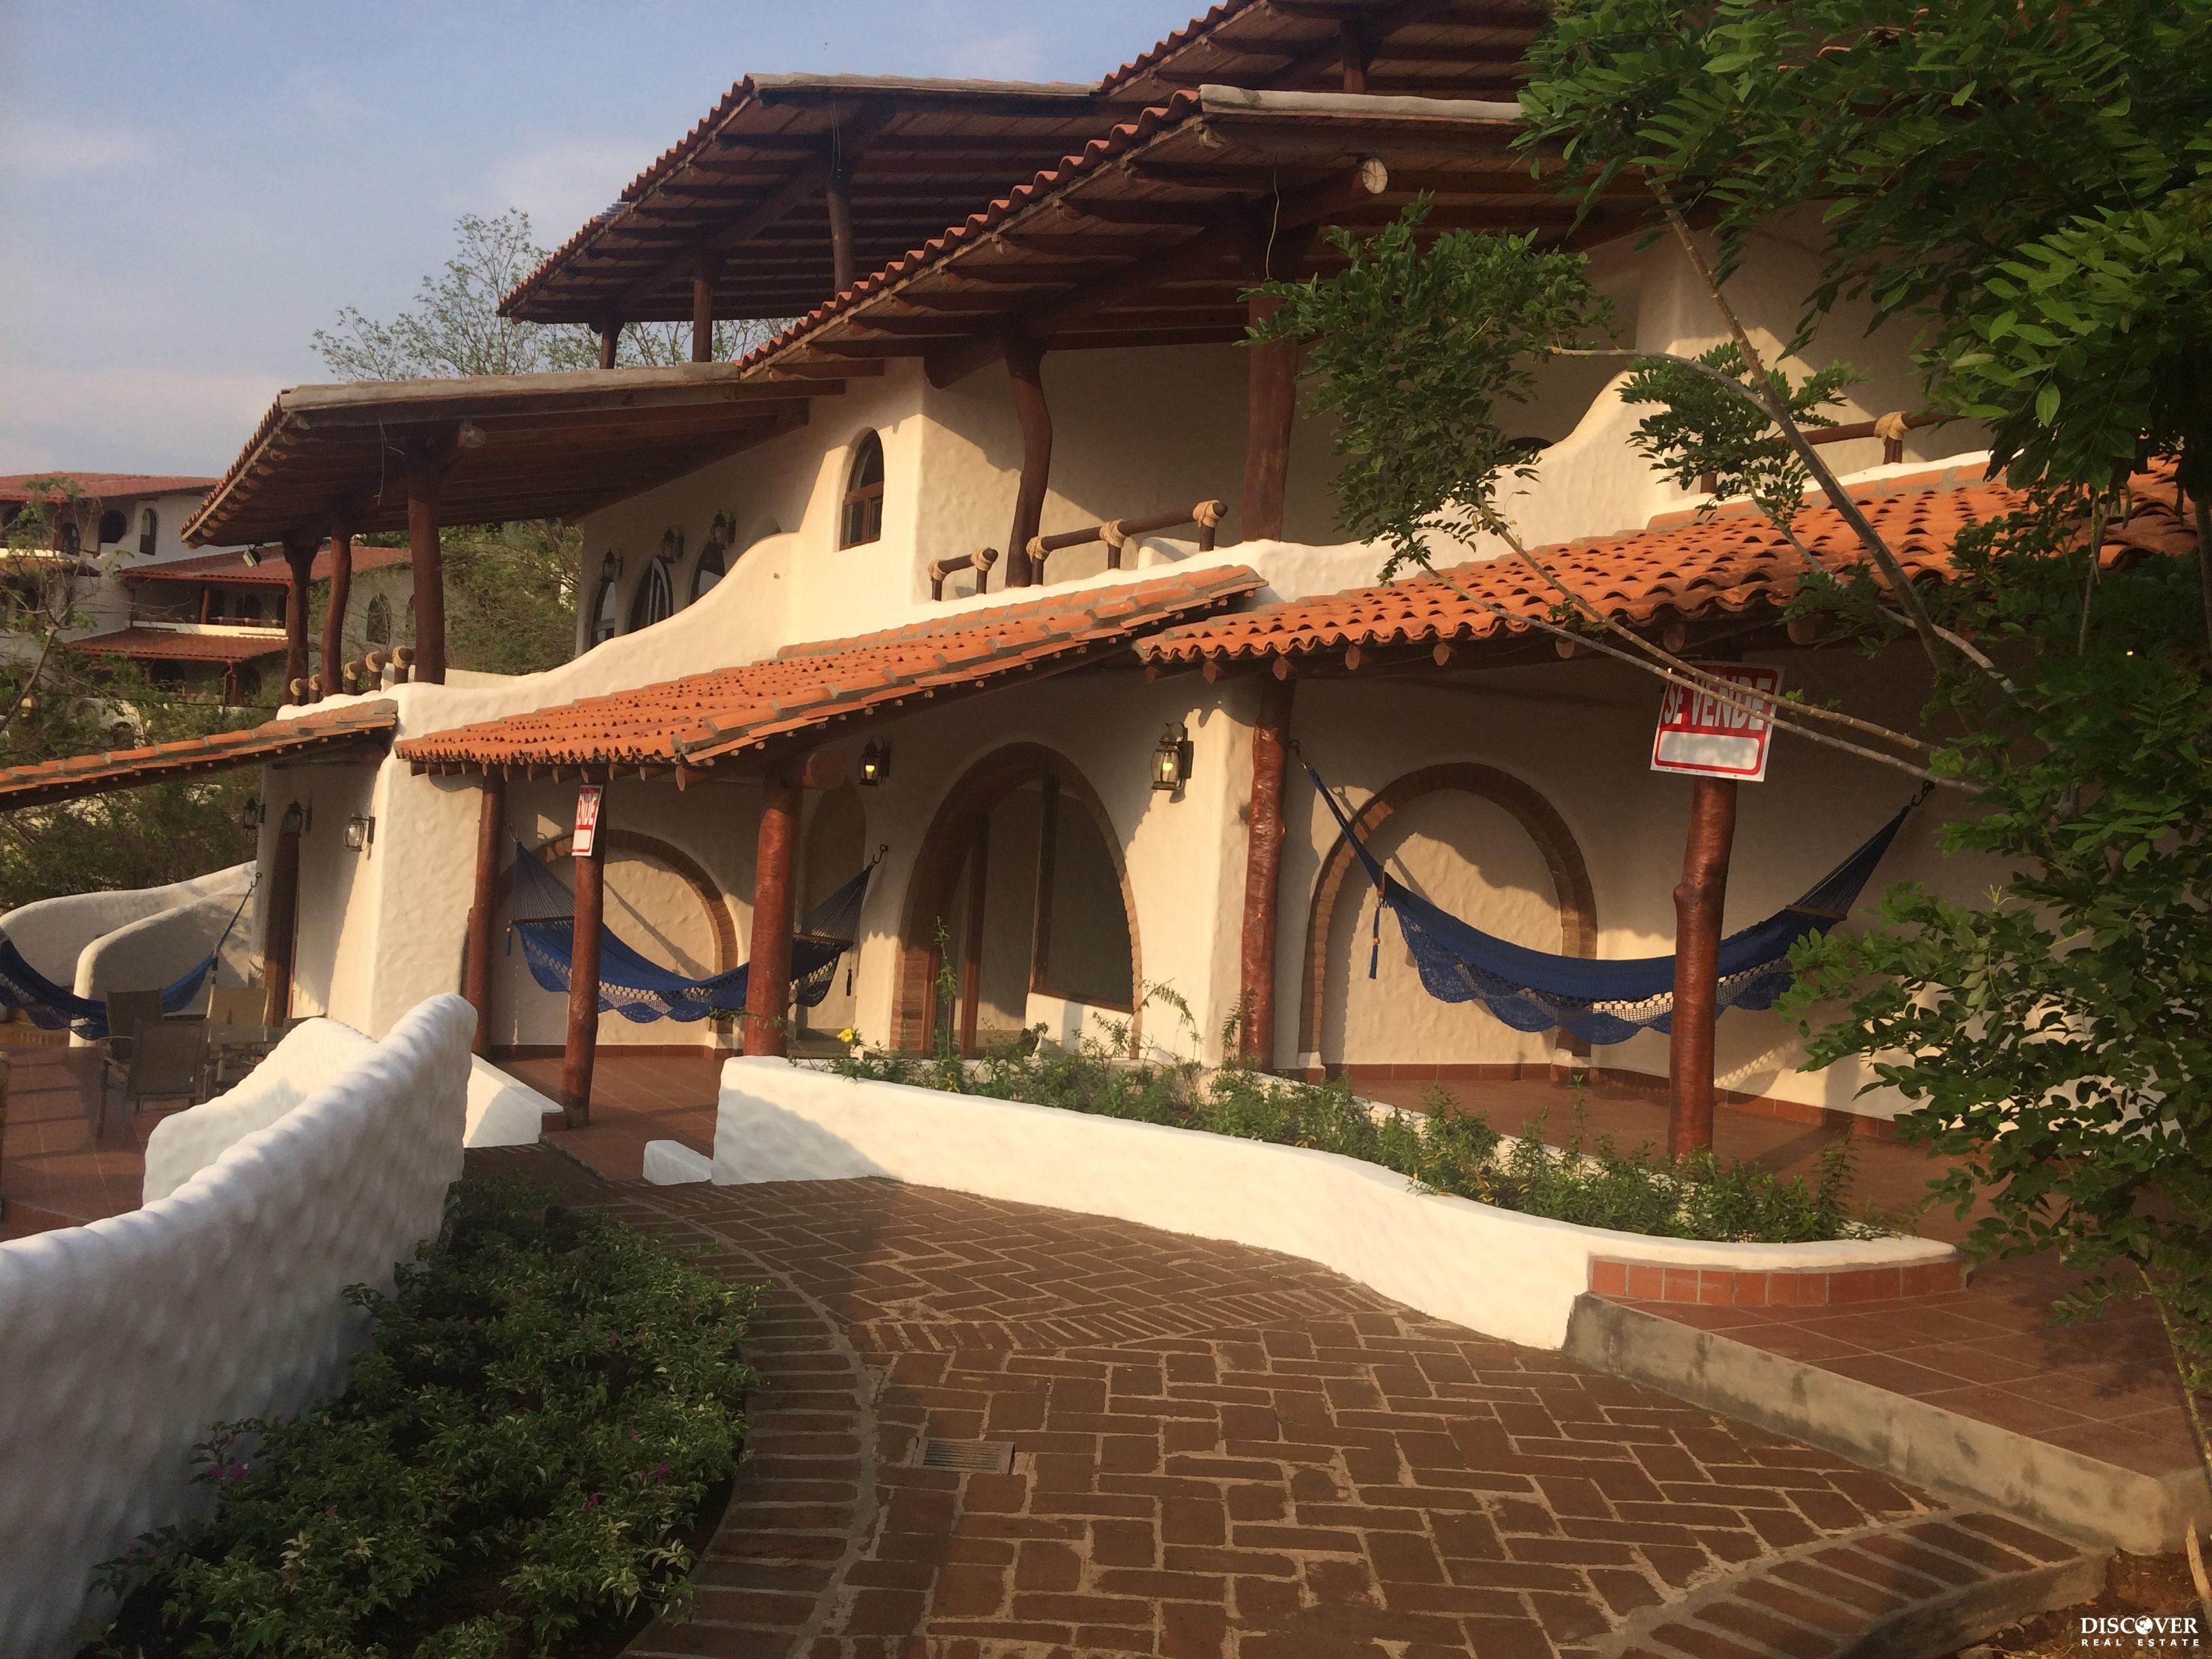 Villas de Pelican within the Pelican Eyes Resort and Hotel